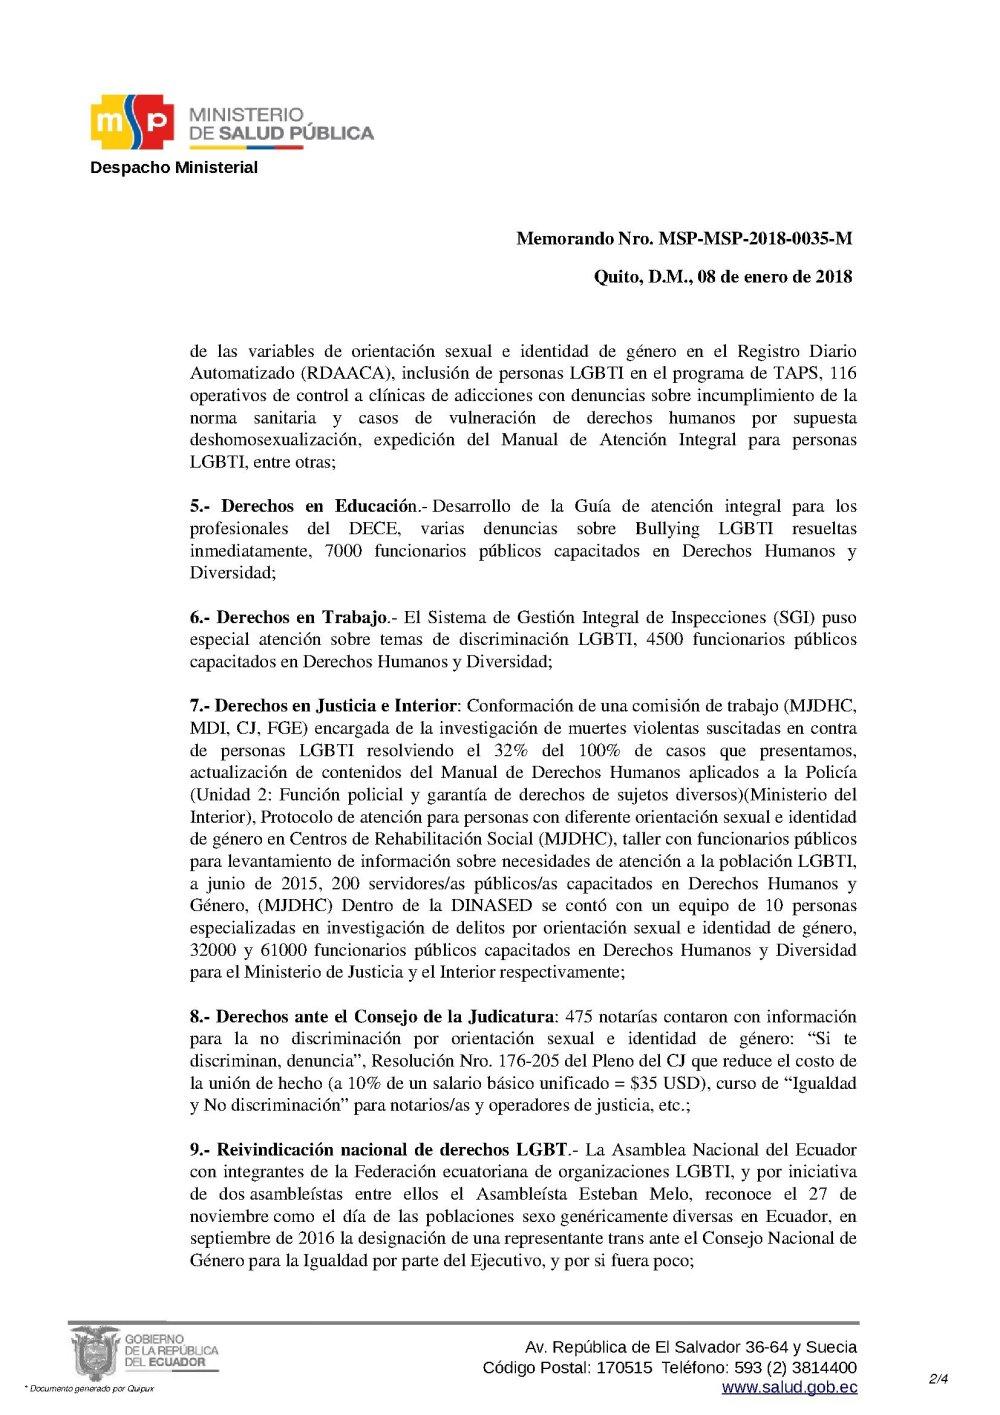 Renuncia Irrevocable de Psic. Diane Rodríguez como Asesora del Ministerio de Salud Pública del Ecuador 2